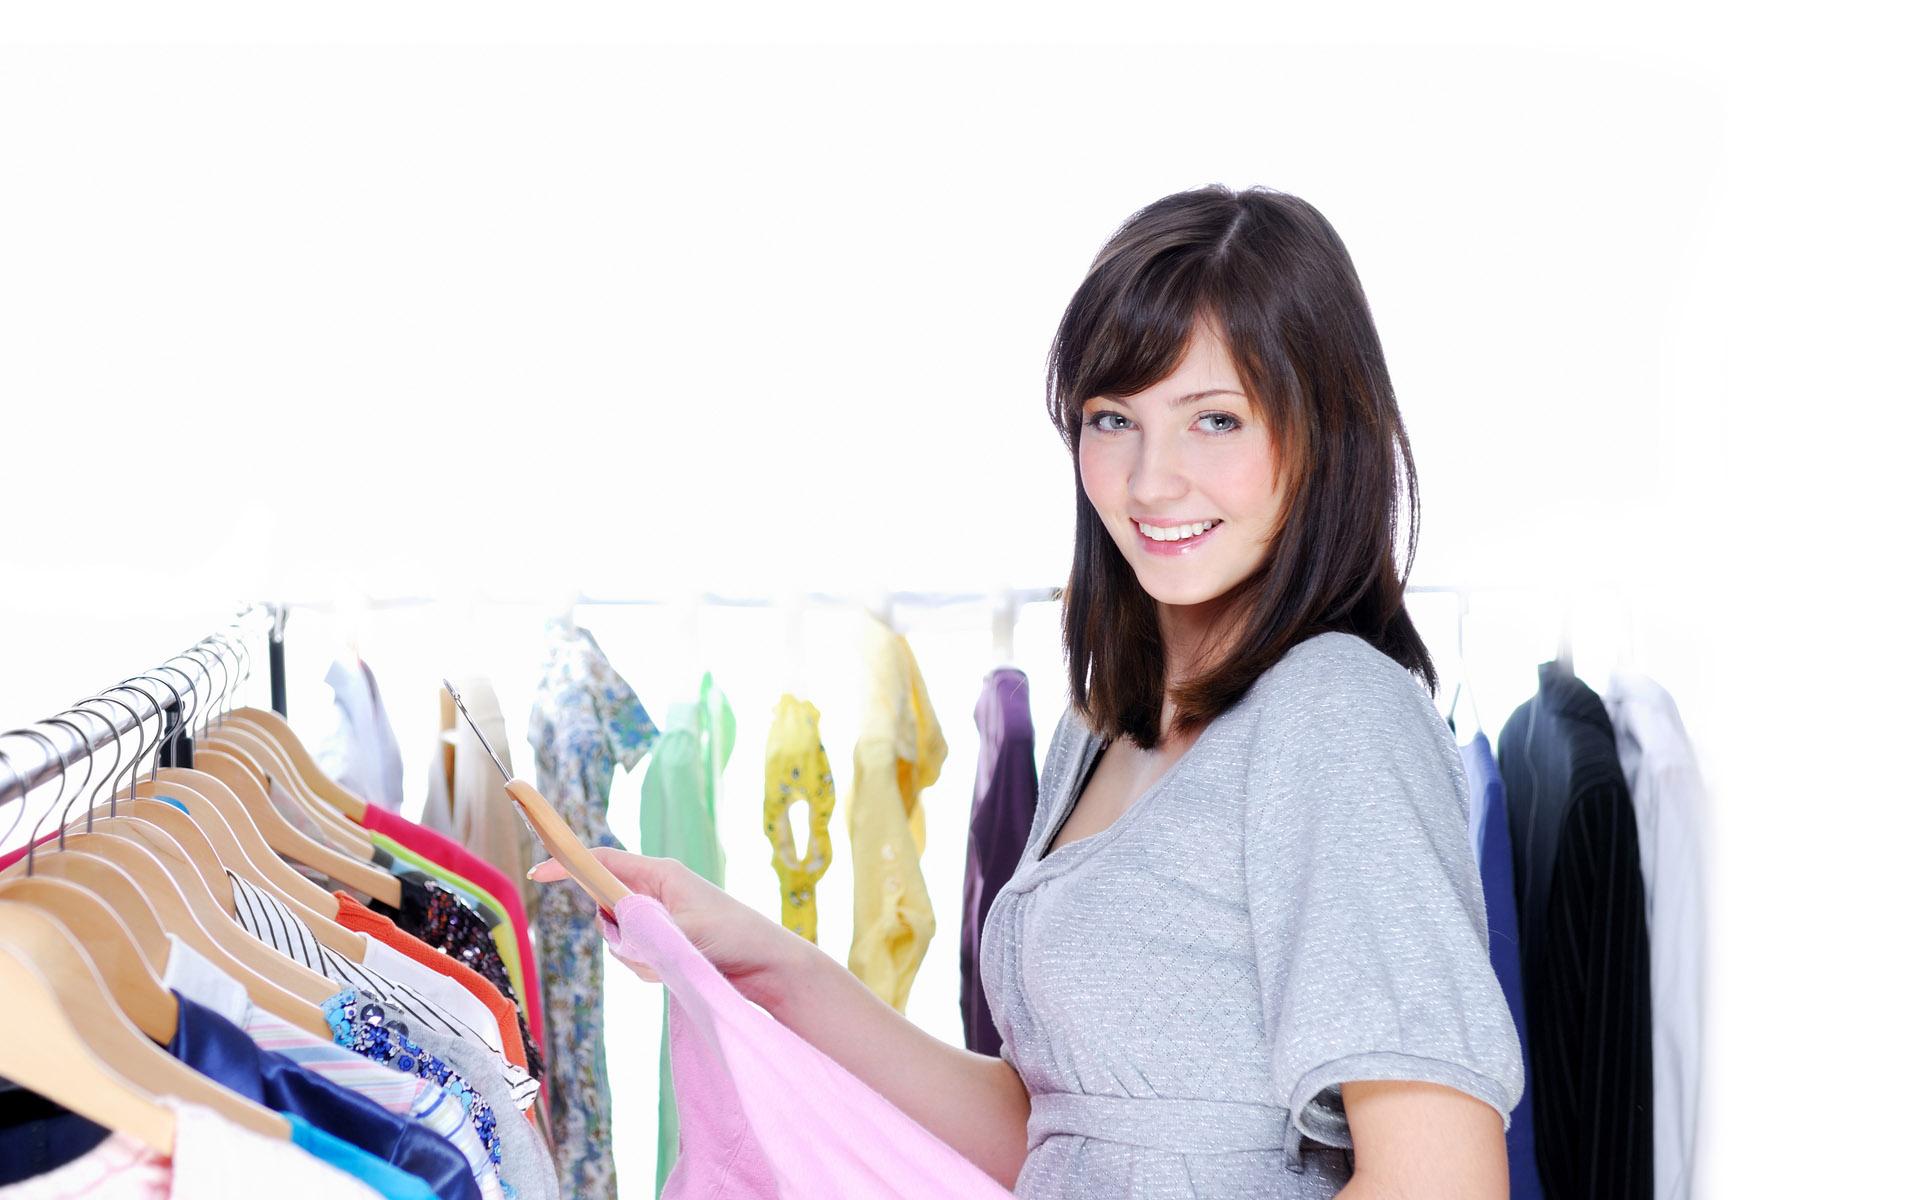 Consejos simples para encontrar y comprar ropa de diseño a buen precio